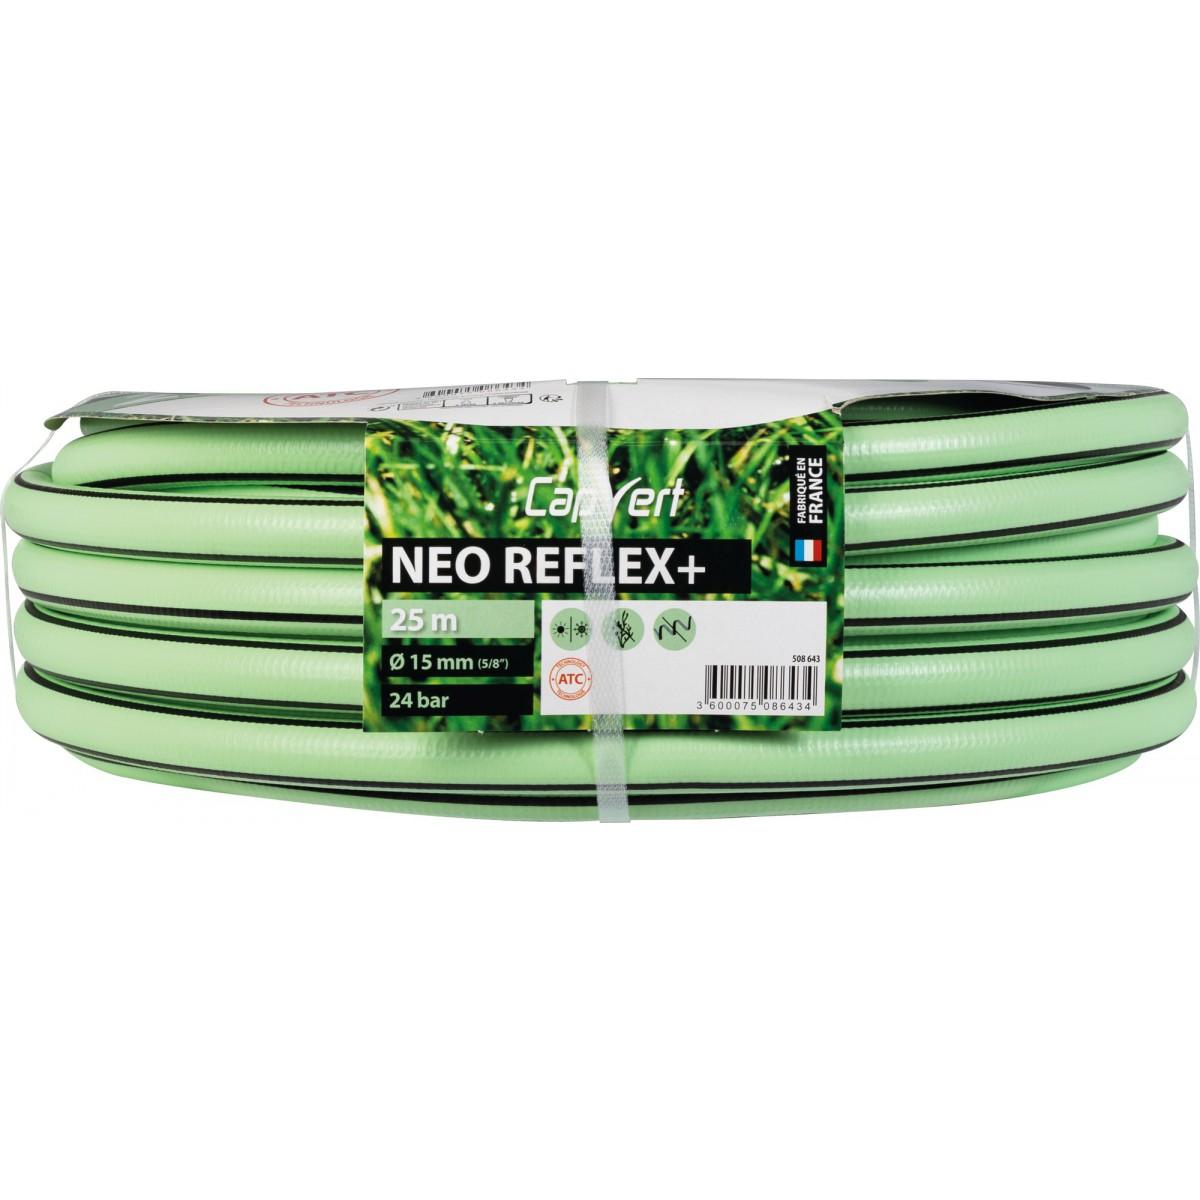 Tuyau d'arrosage Néo Reflex+ Cap Vert - Diamètre 15 mm - Longueur 25 m